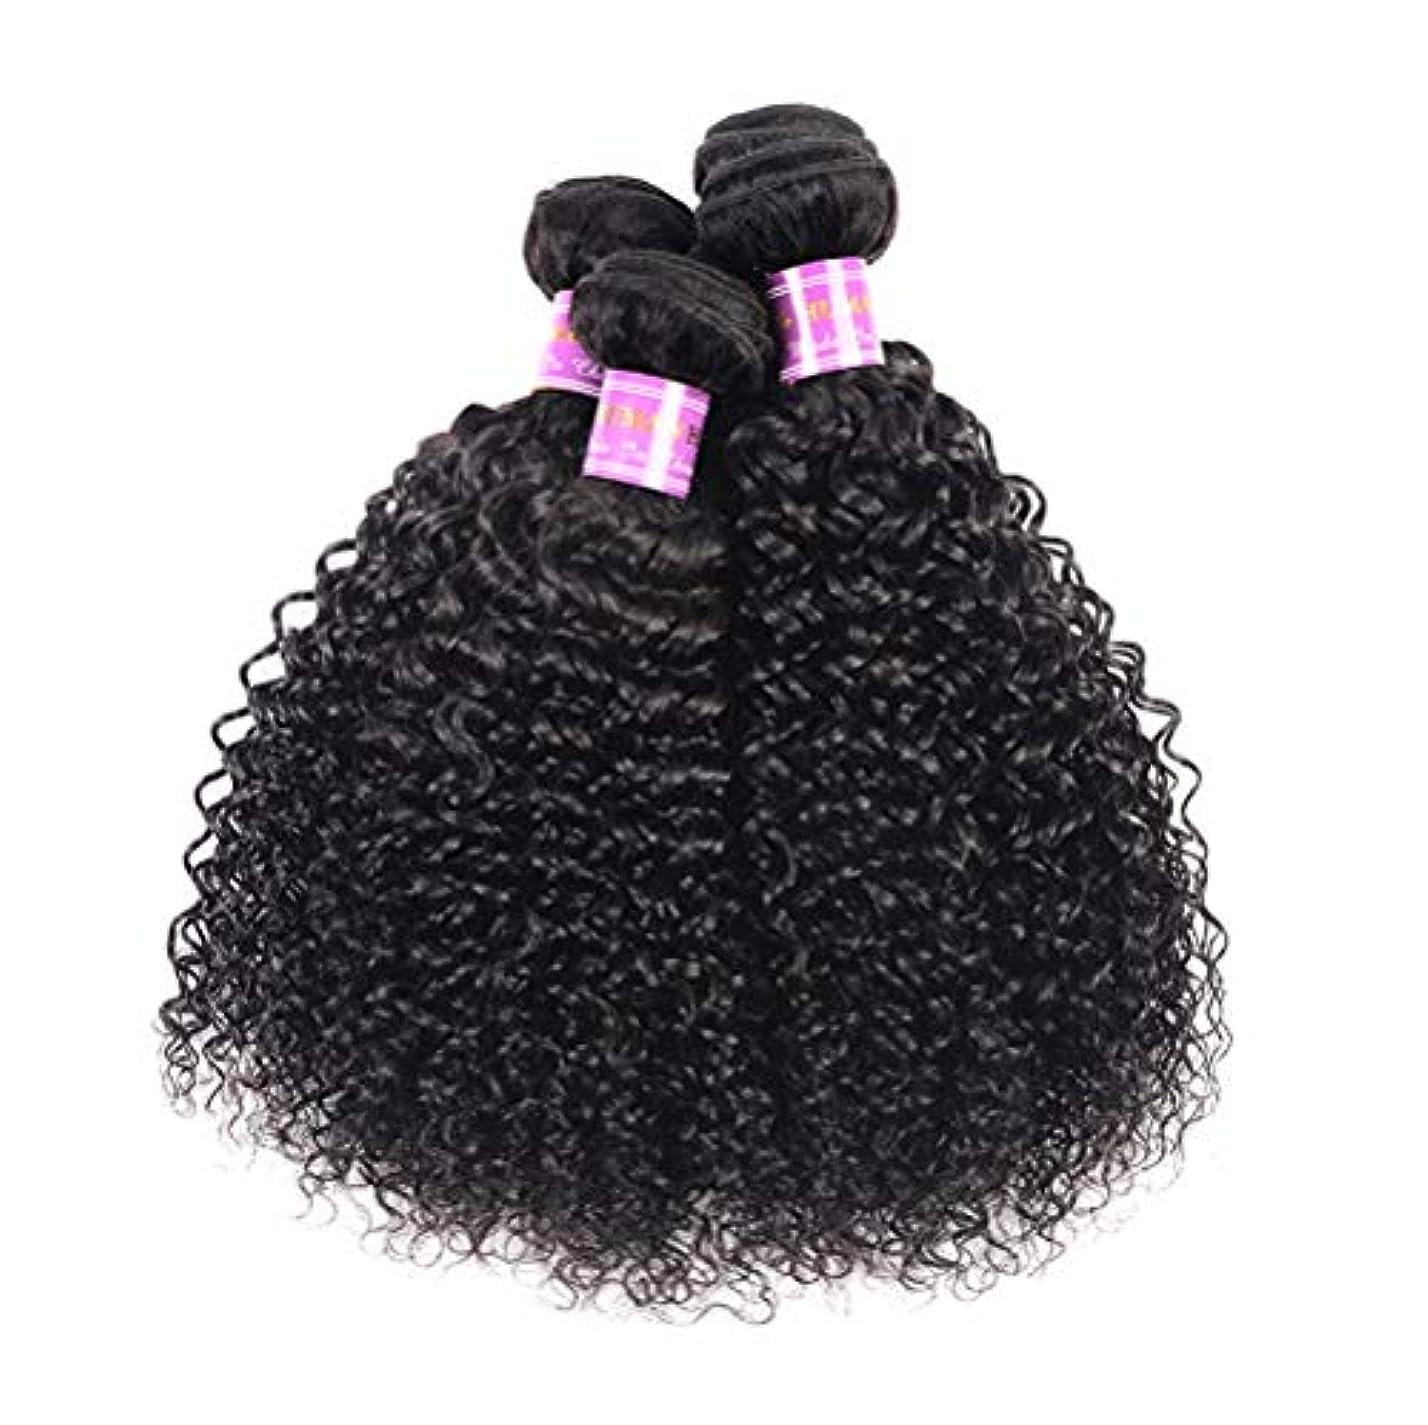 納税者頼る師匠髪織り8a変態カーリーヘアー1バンドル人間の髪織り未処理ブラジルレミーバージンレミー髪